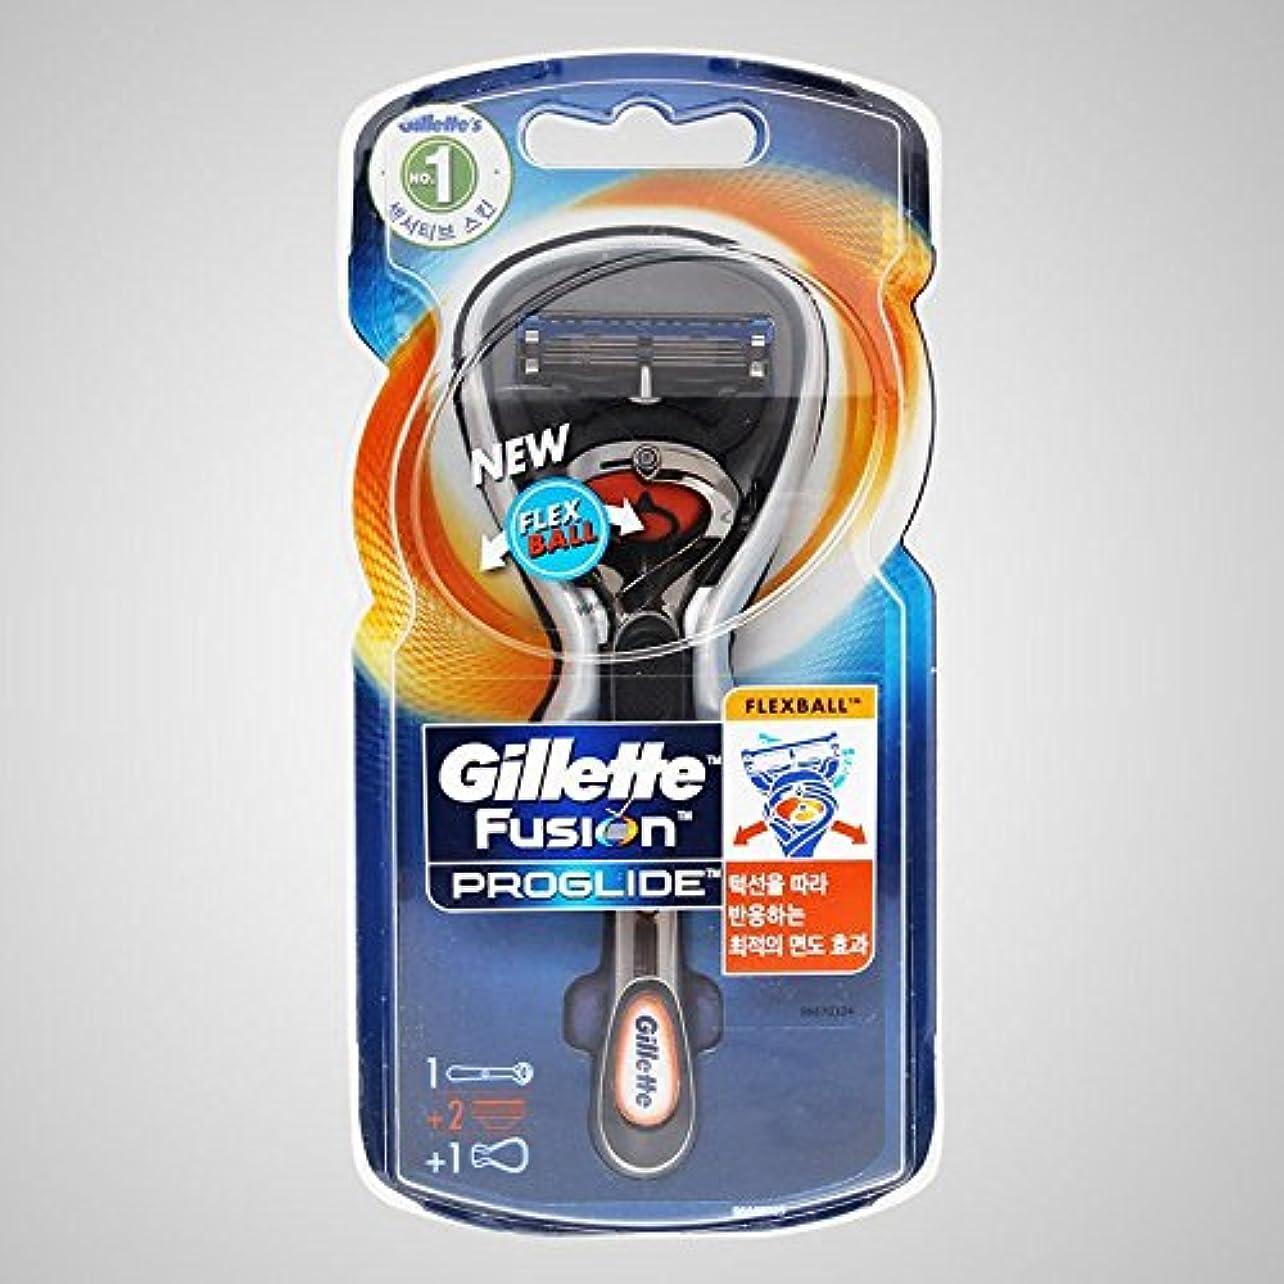 瞑想する合法試用Gillette Fusion Proglide Flexball Manual 2かみそりの刃で男子1カミソリ [並行輸入品]